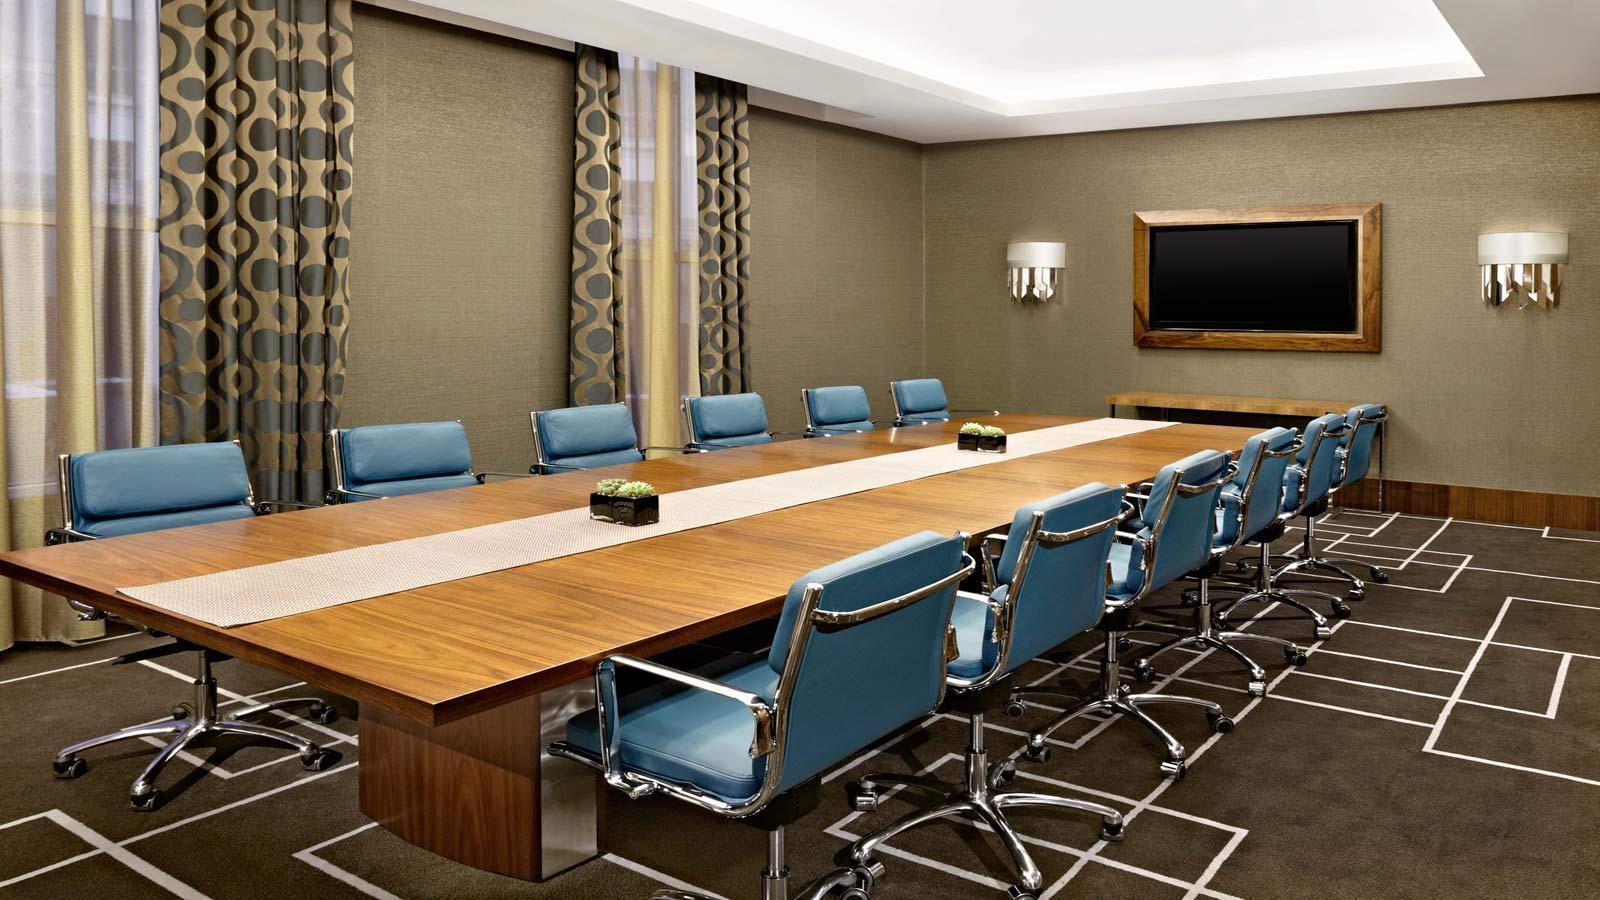 Thiết kế nội thất phòng họp đơn giản